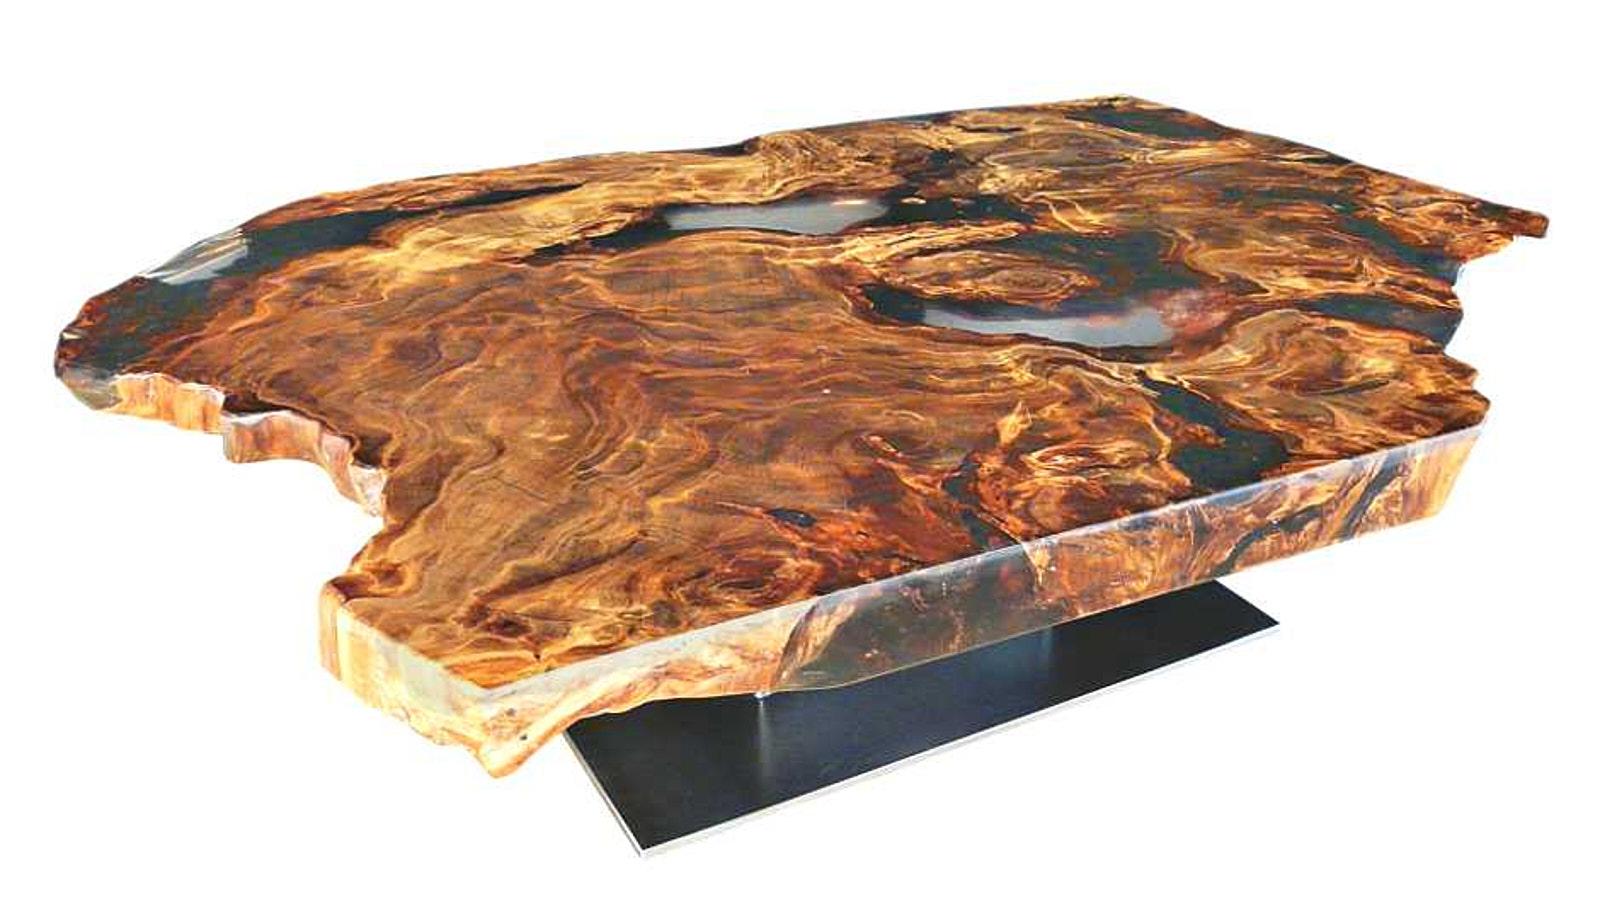 Hochwertiger Holztisch als Designer Couchtisch aus wunderschönem Kauri Wurzelholz mit Epoxidharz und feuchtigkeitsresistenter Tischplatte